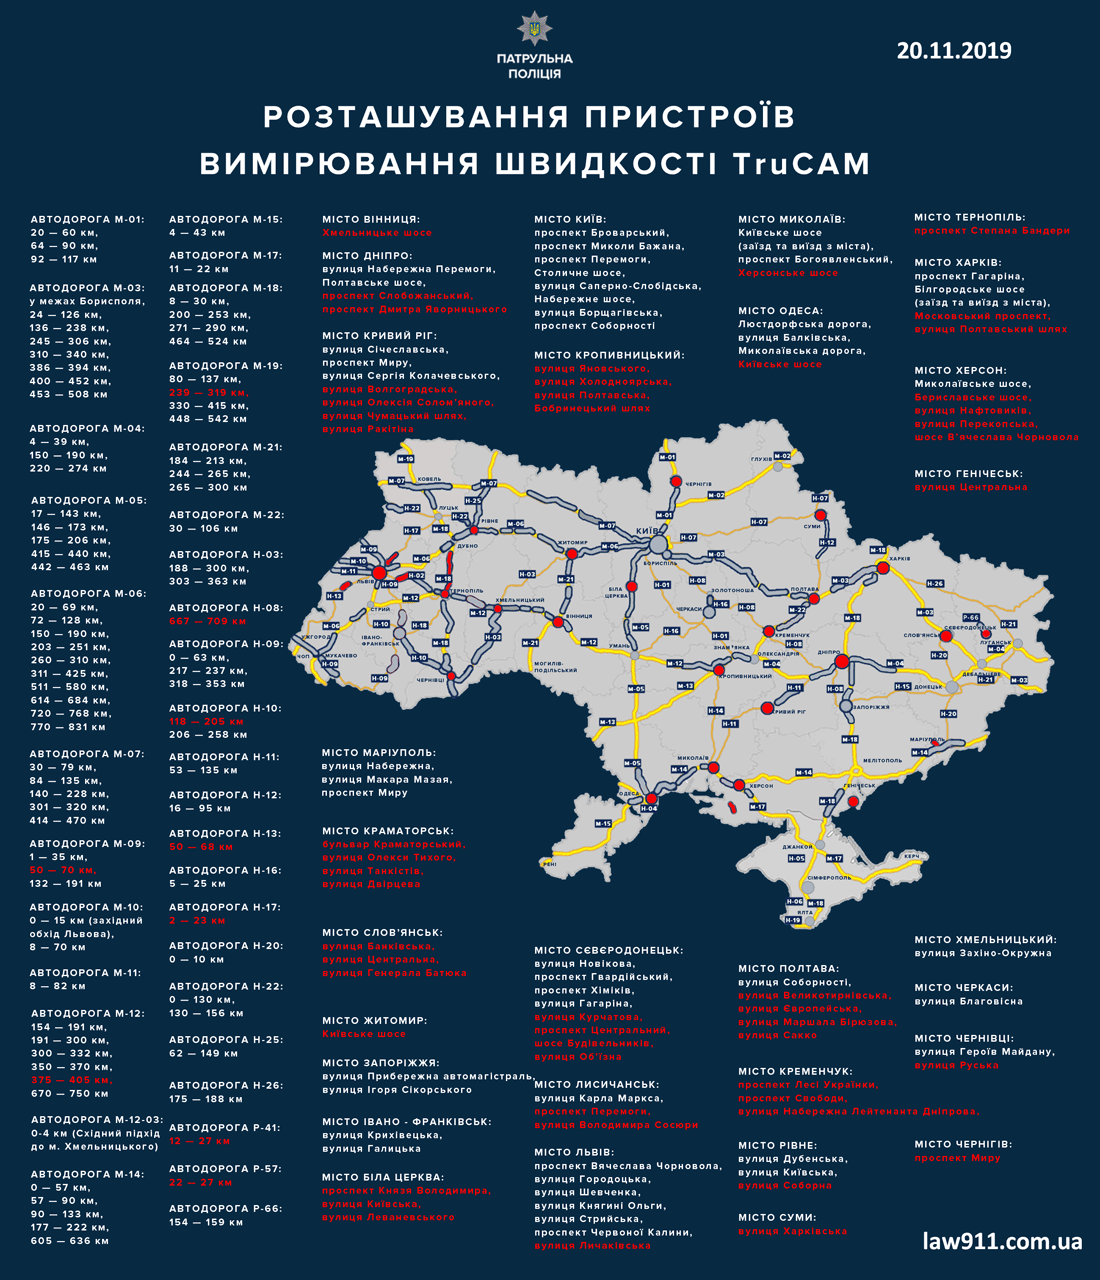 TruCam на дорогах Украины 11.2019